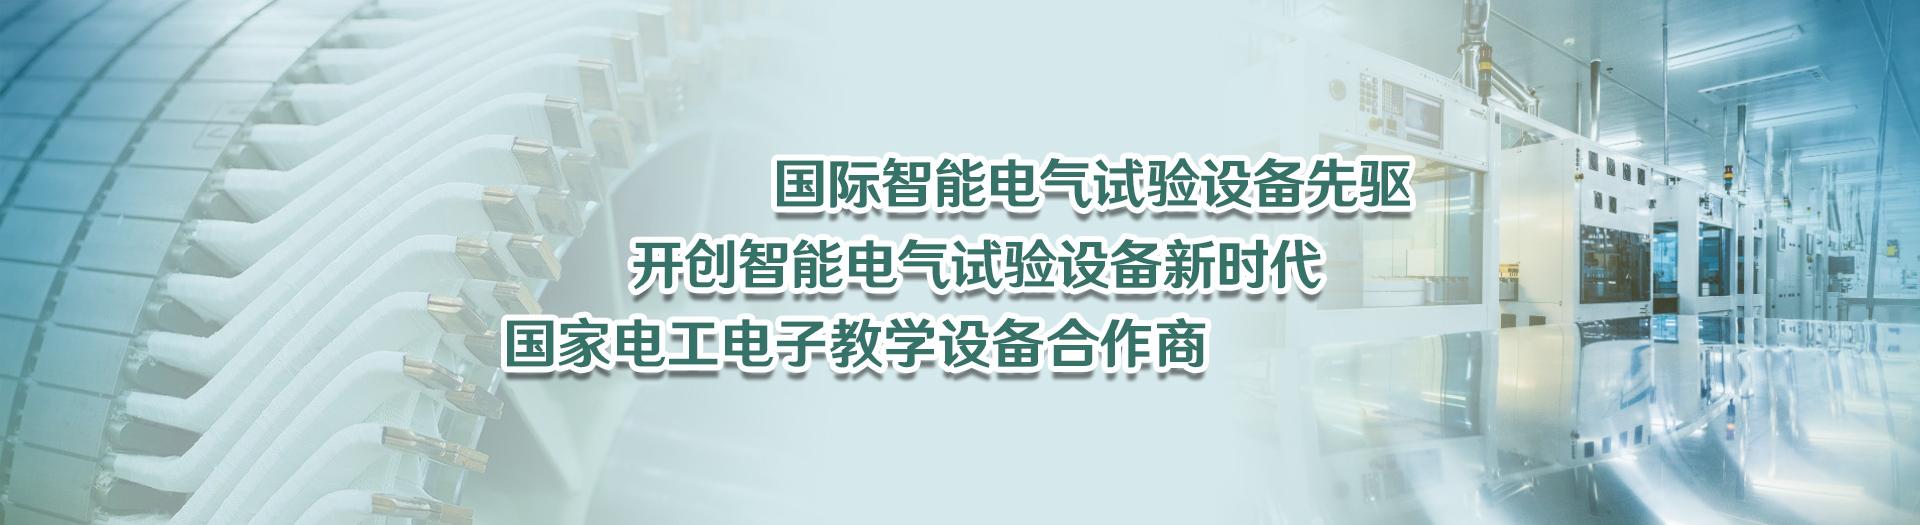 首页banner1